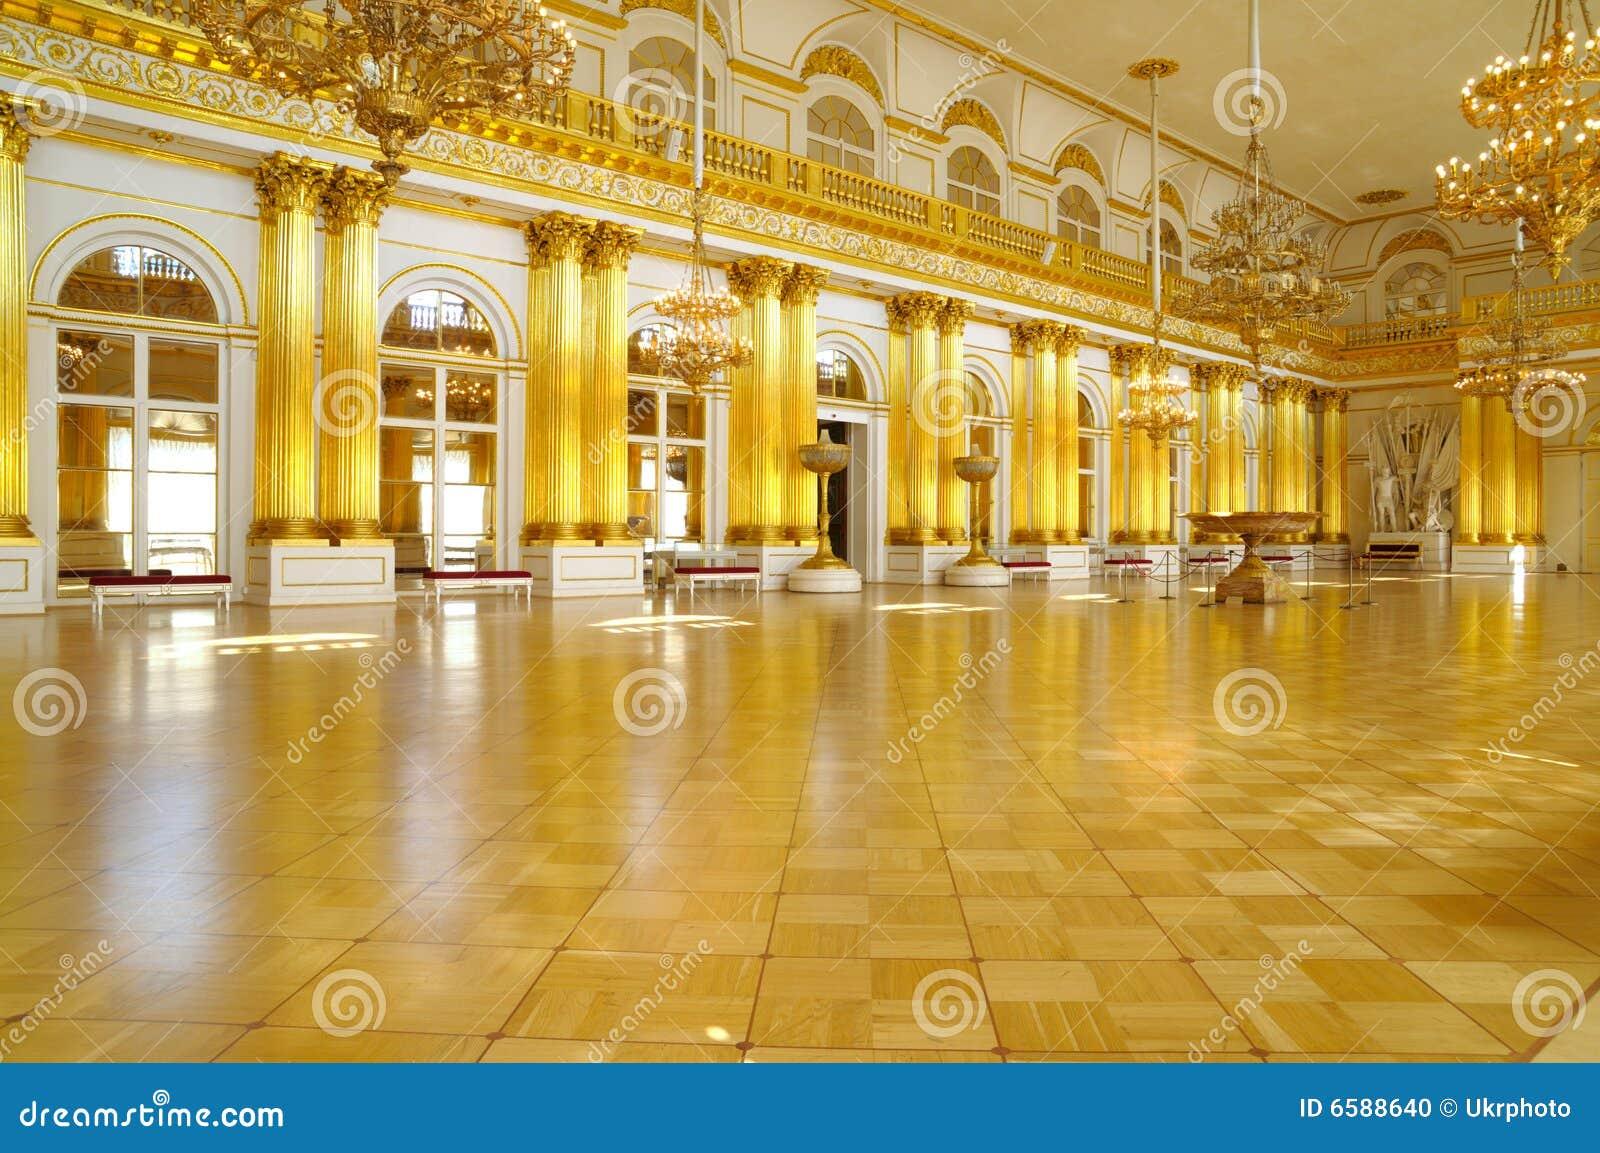 Wapenkundige Zaal van het Paleis van de Winter, St. Petersburg